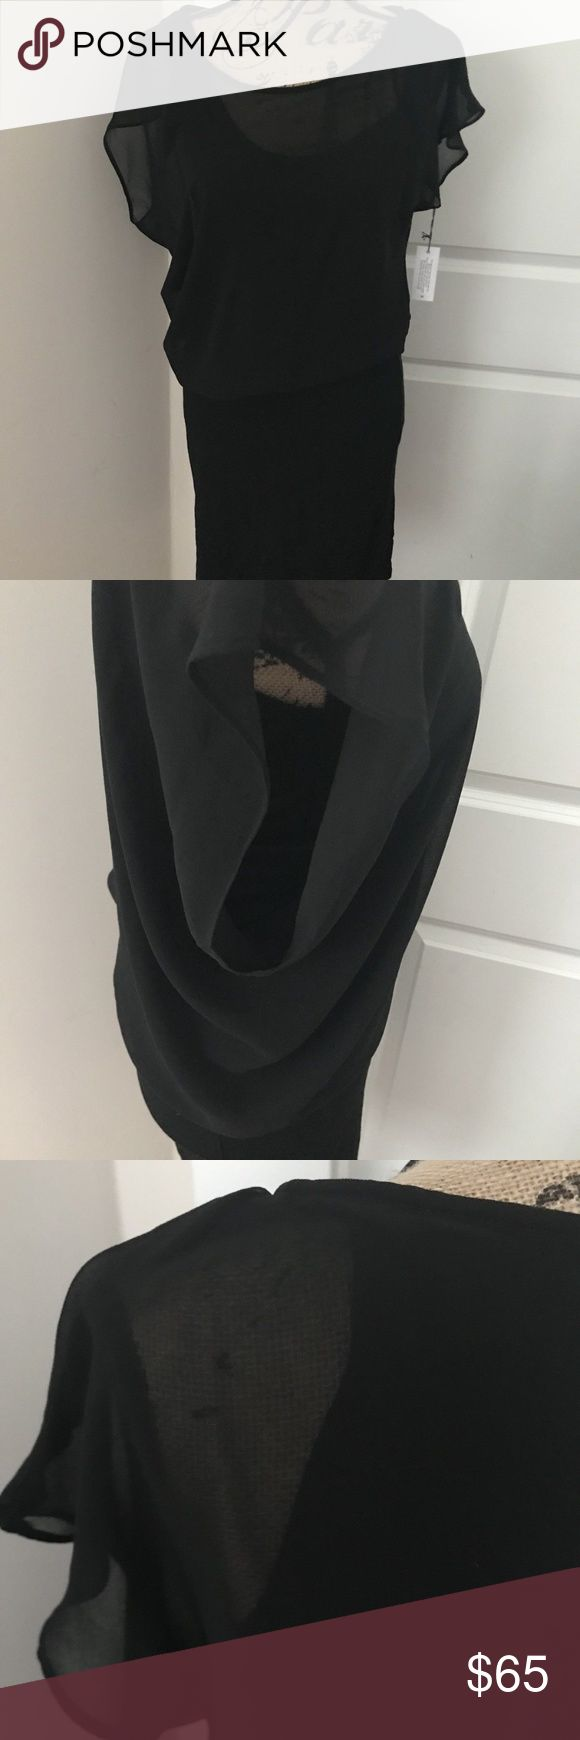 Velvet By Graham & Spencer Black Dress Blouson Velvet By Graham & Spencer Black Dress Sheer Blouson Bodycon Size Medium Velvet by Graham & Spencer Dresses Midi